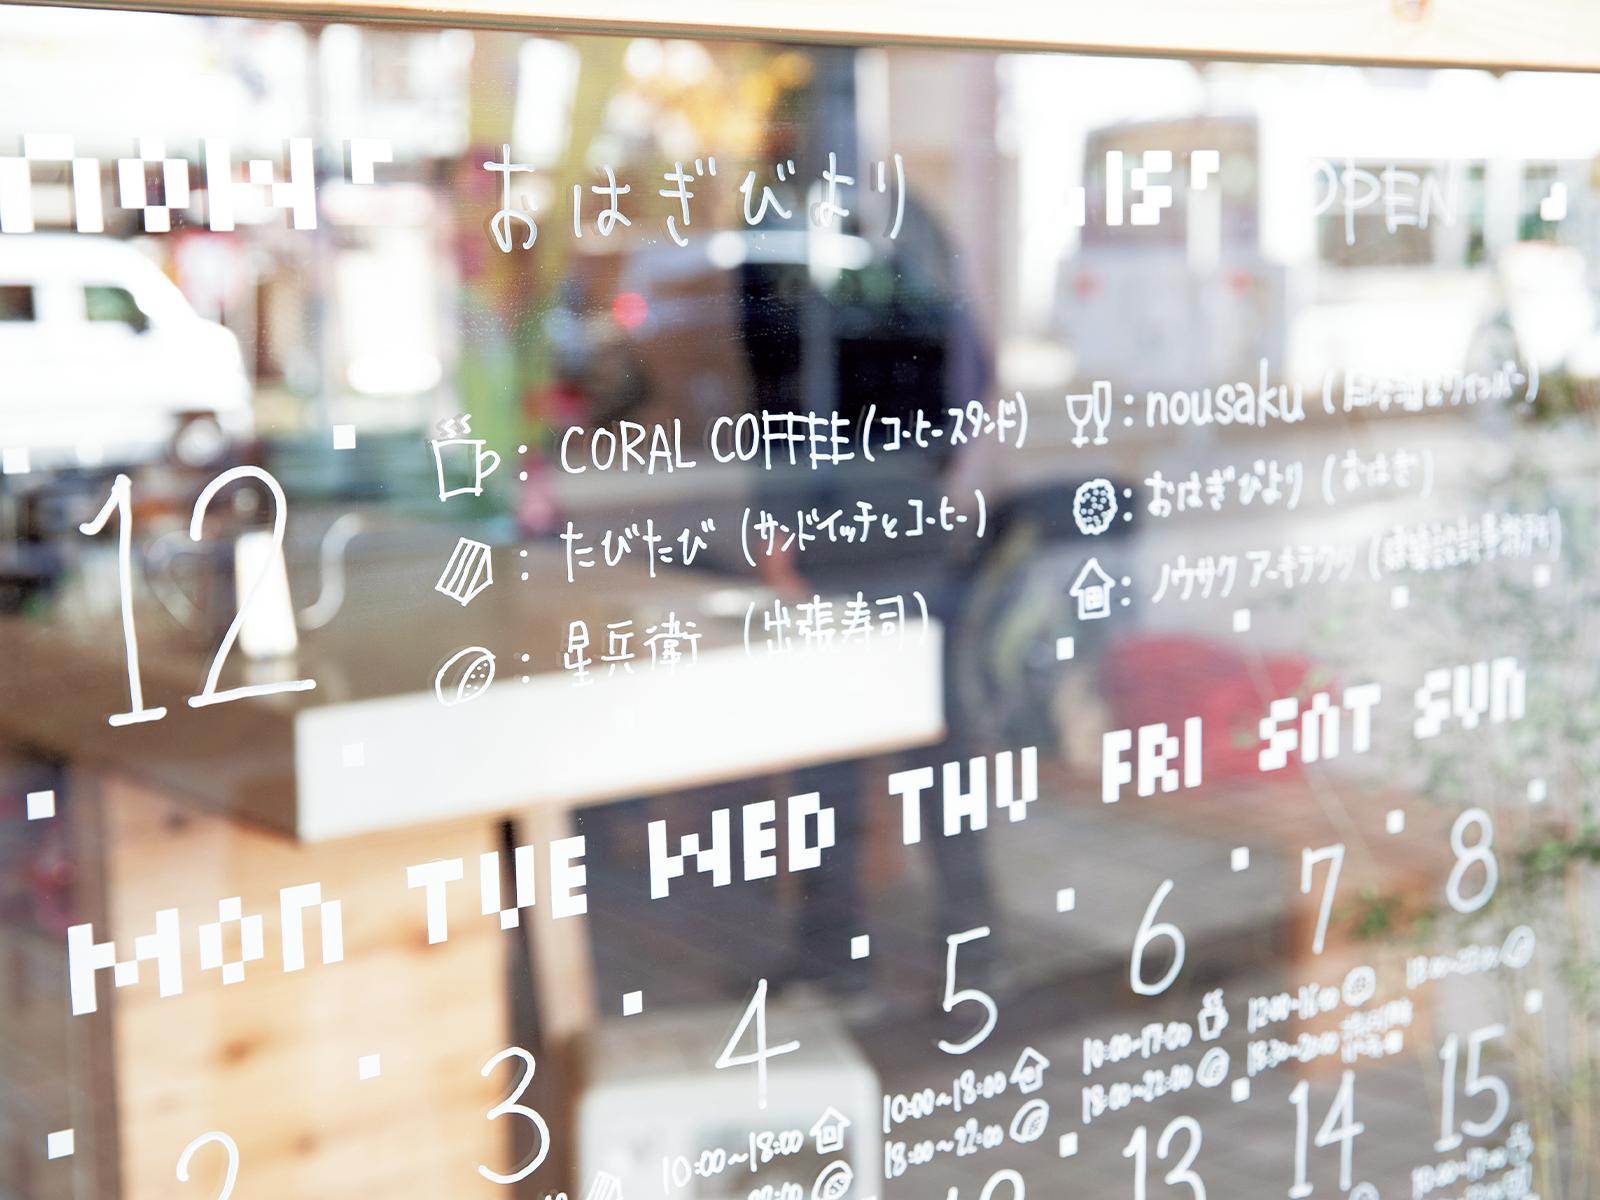 入口のガラスに営業カレンダーが。